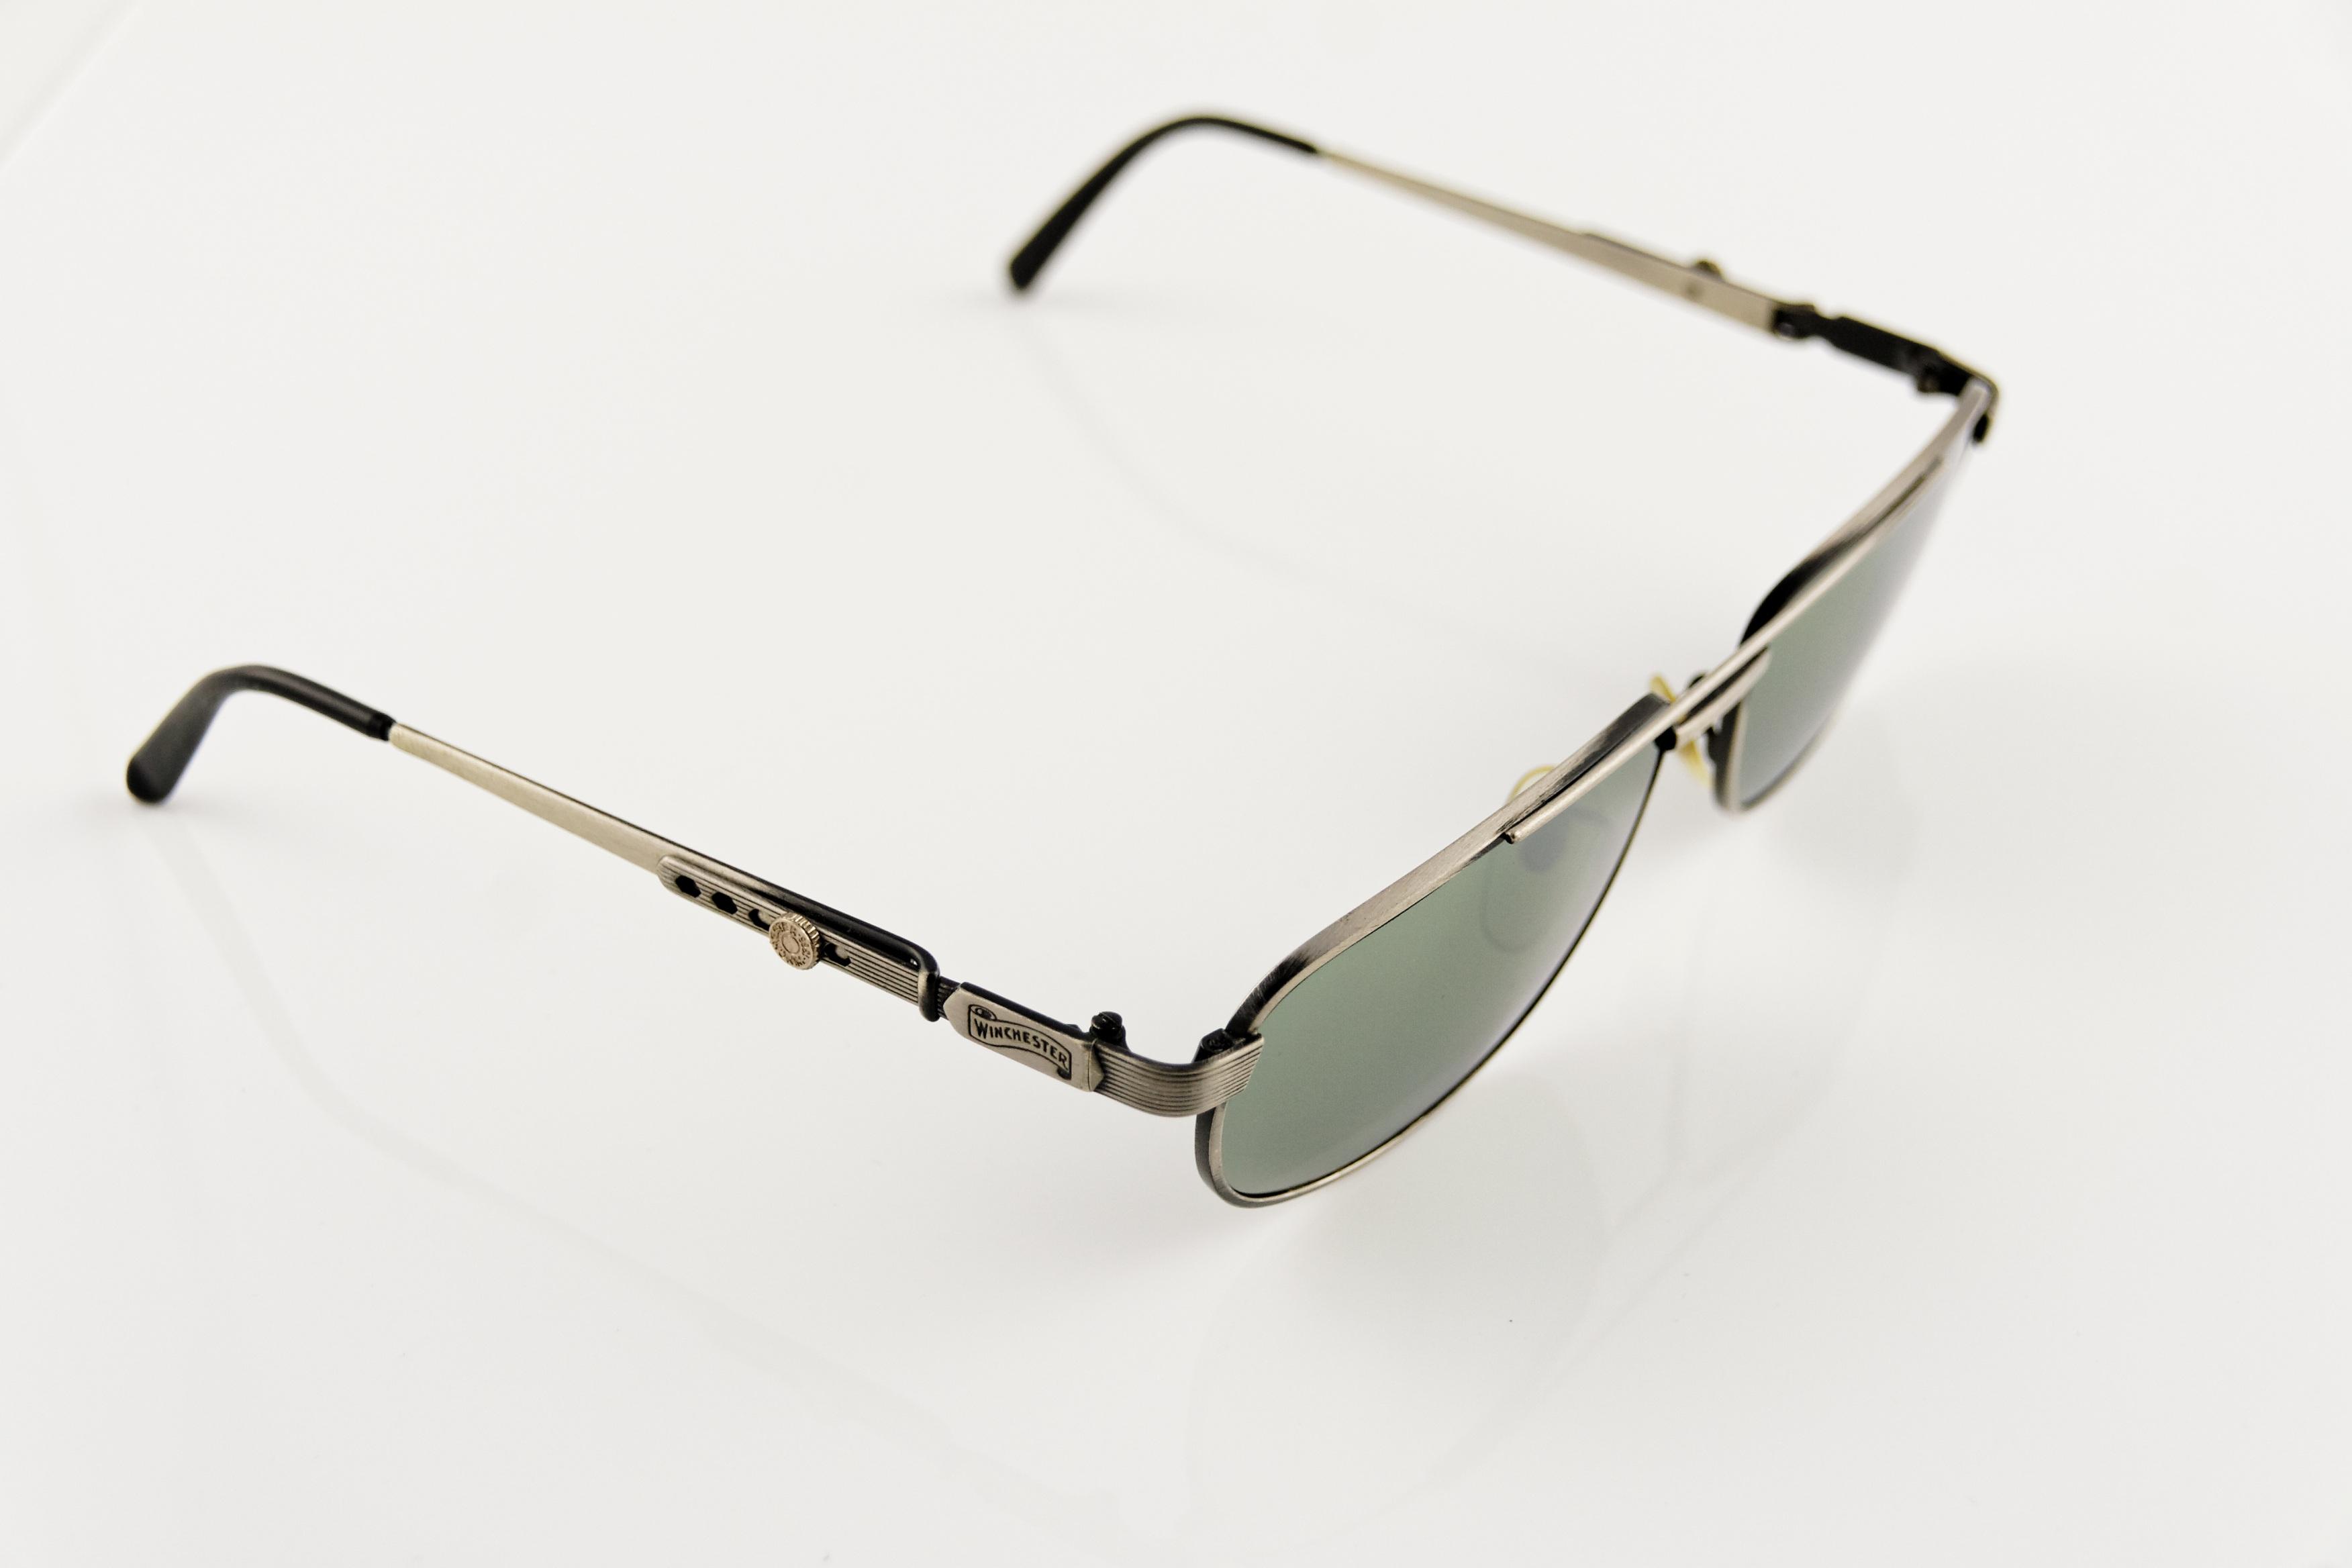 Fotos gratis : verano, oscuro, marco, Gafas de sol, gafas de ...